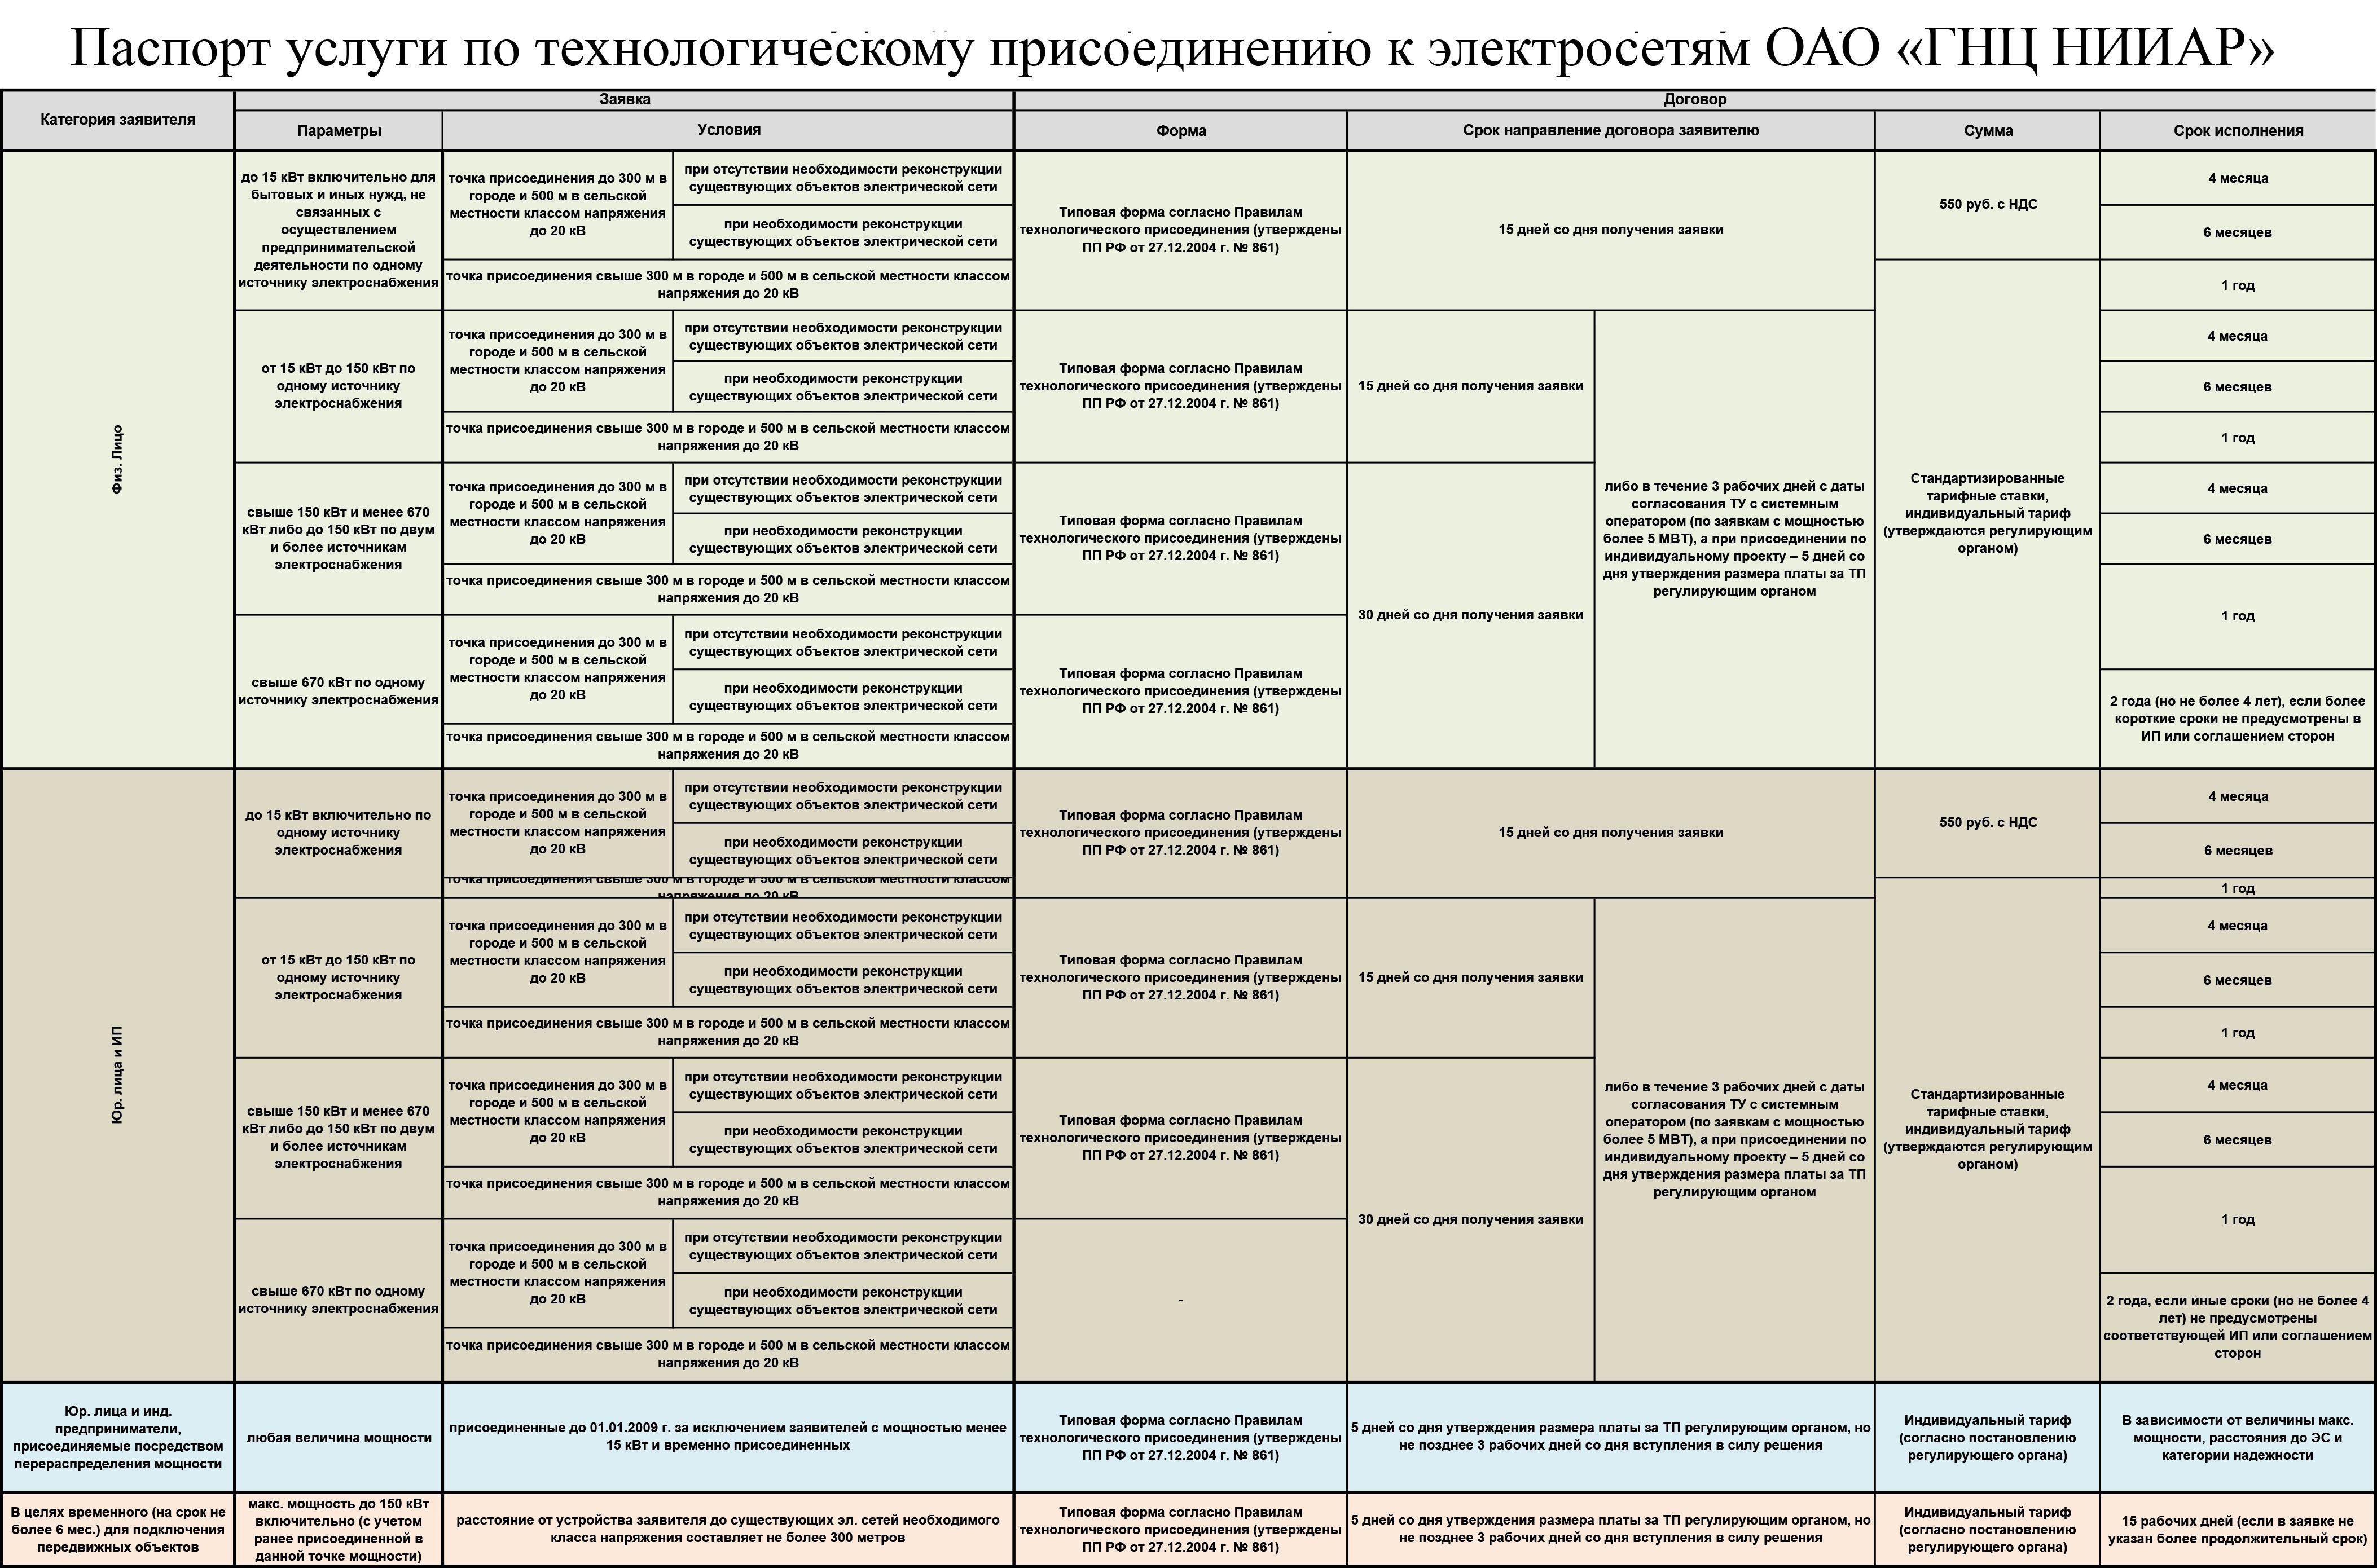 Раскрытие информации по регулируемым видам деятельности Государственный научный центр - Научно-исследовательский институт атомны